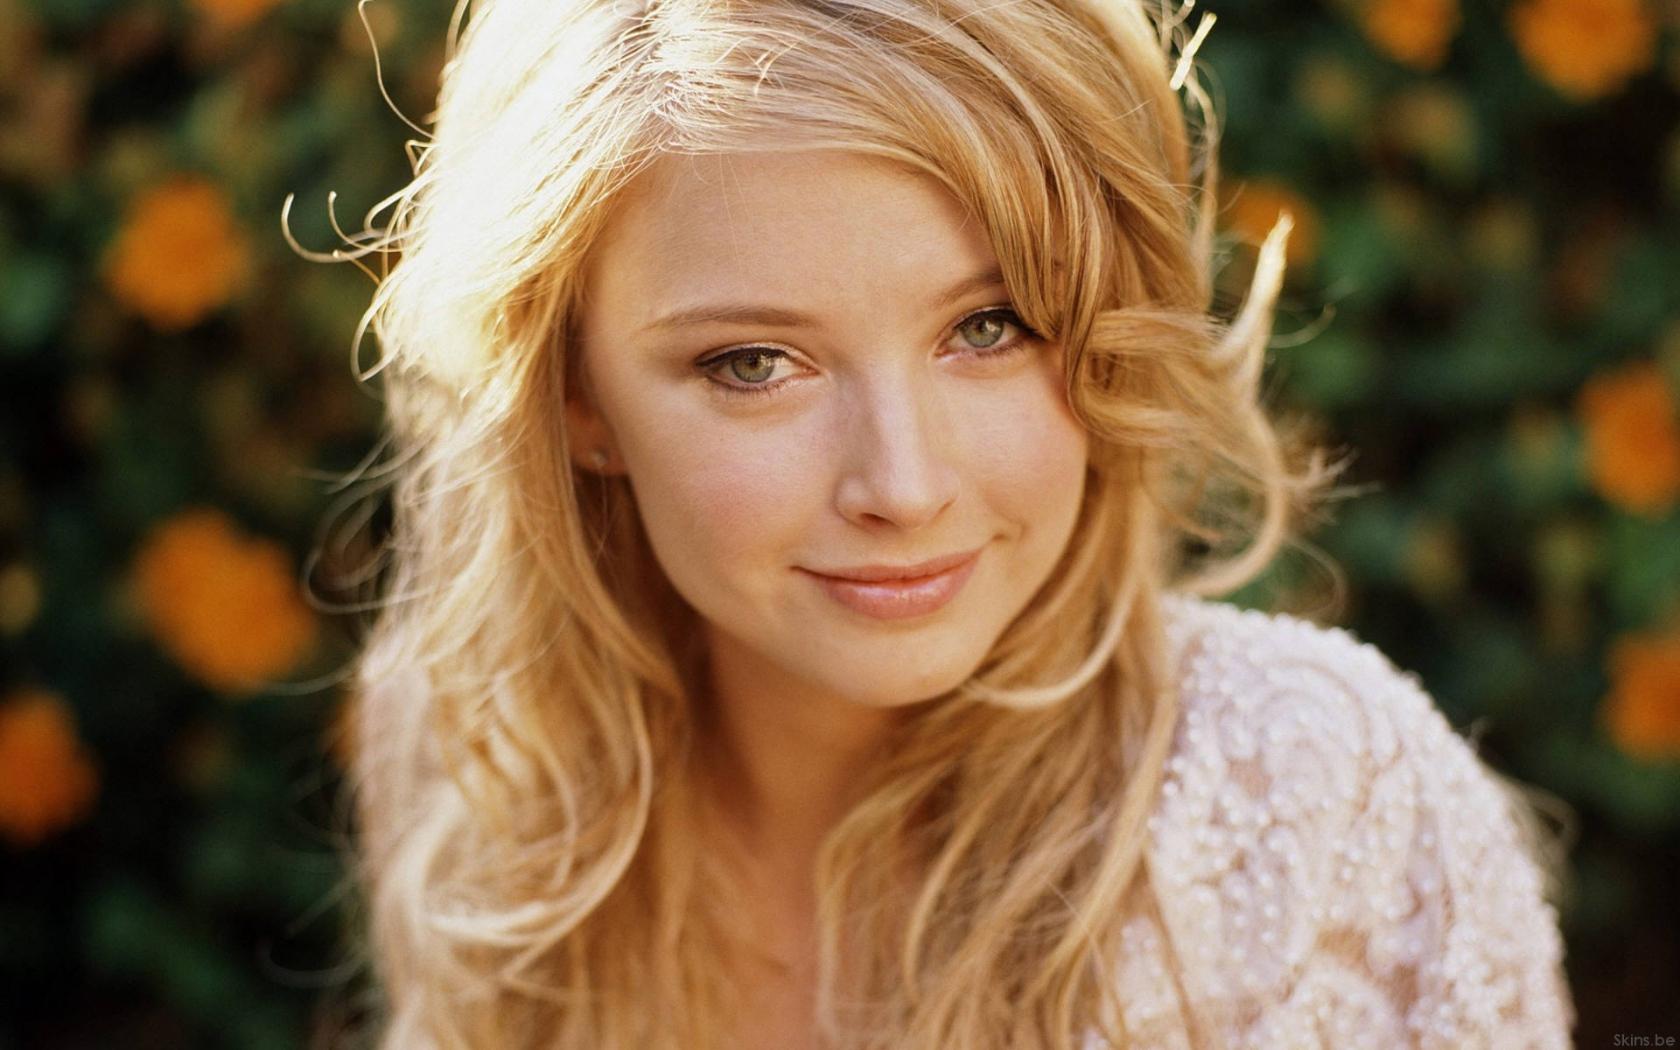 Просто красивые девушки на фото блондинки 24 фотография